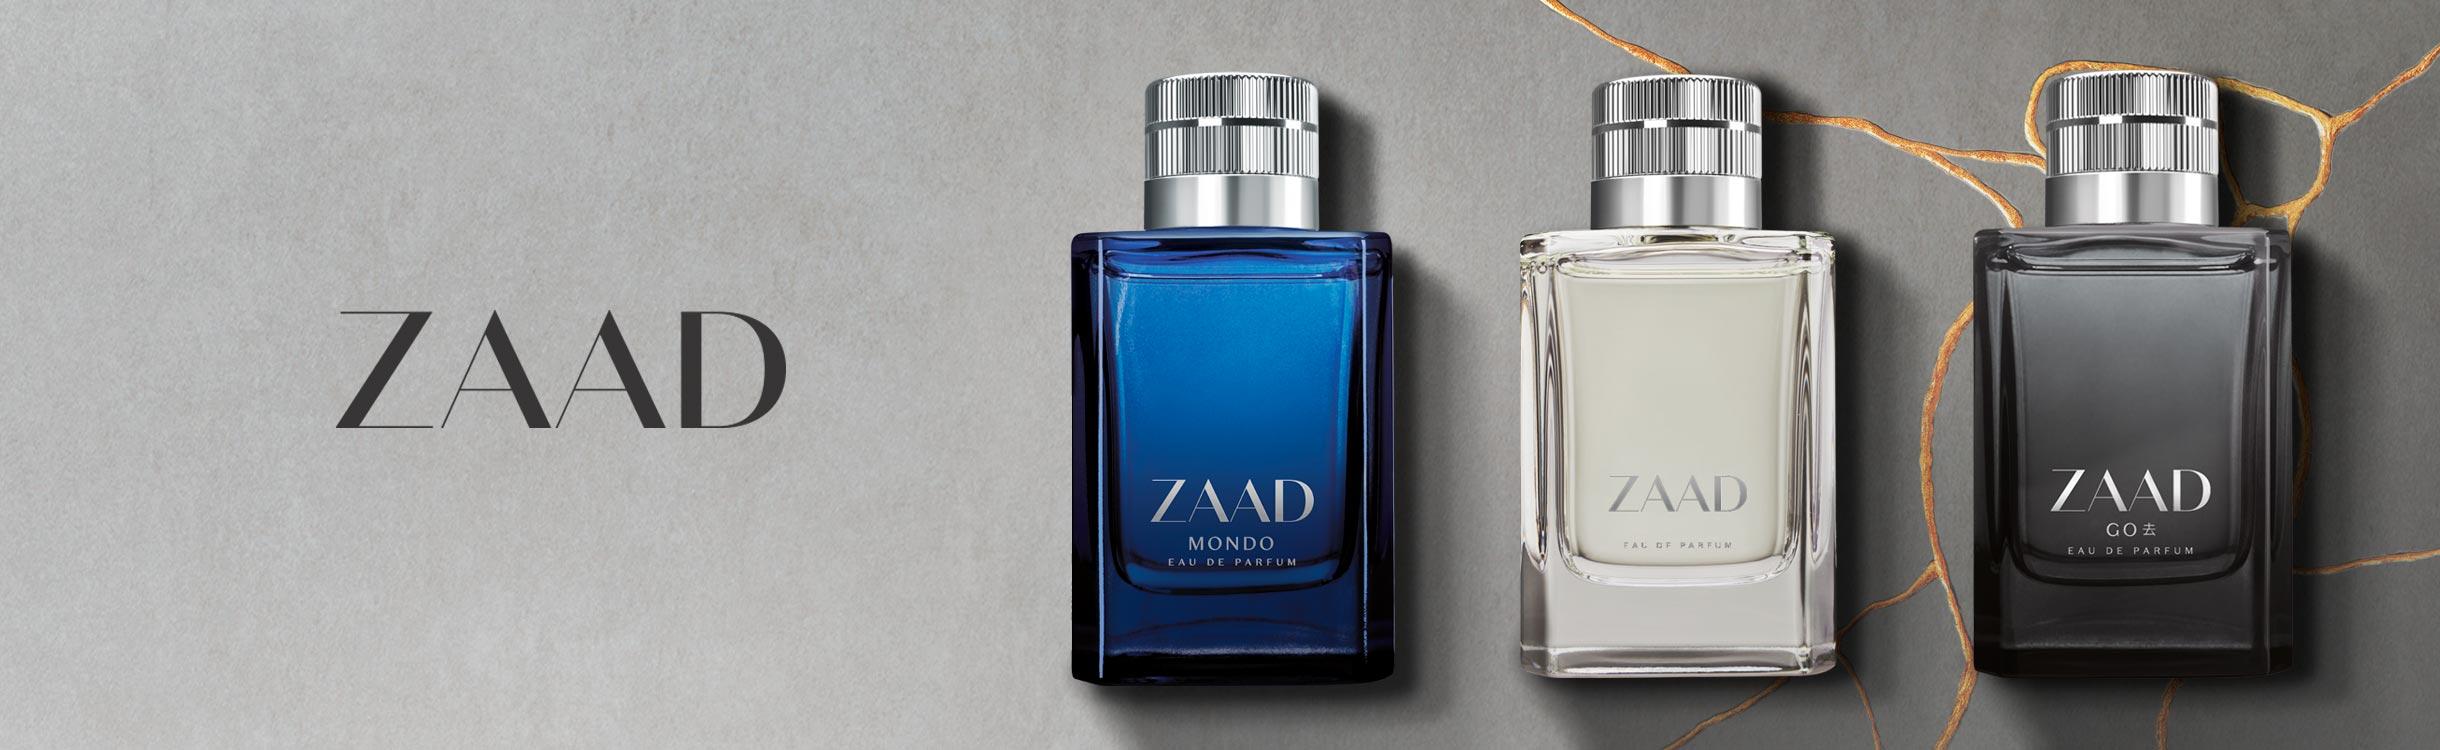 Zaad Corpo e banho Barba Pos barba